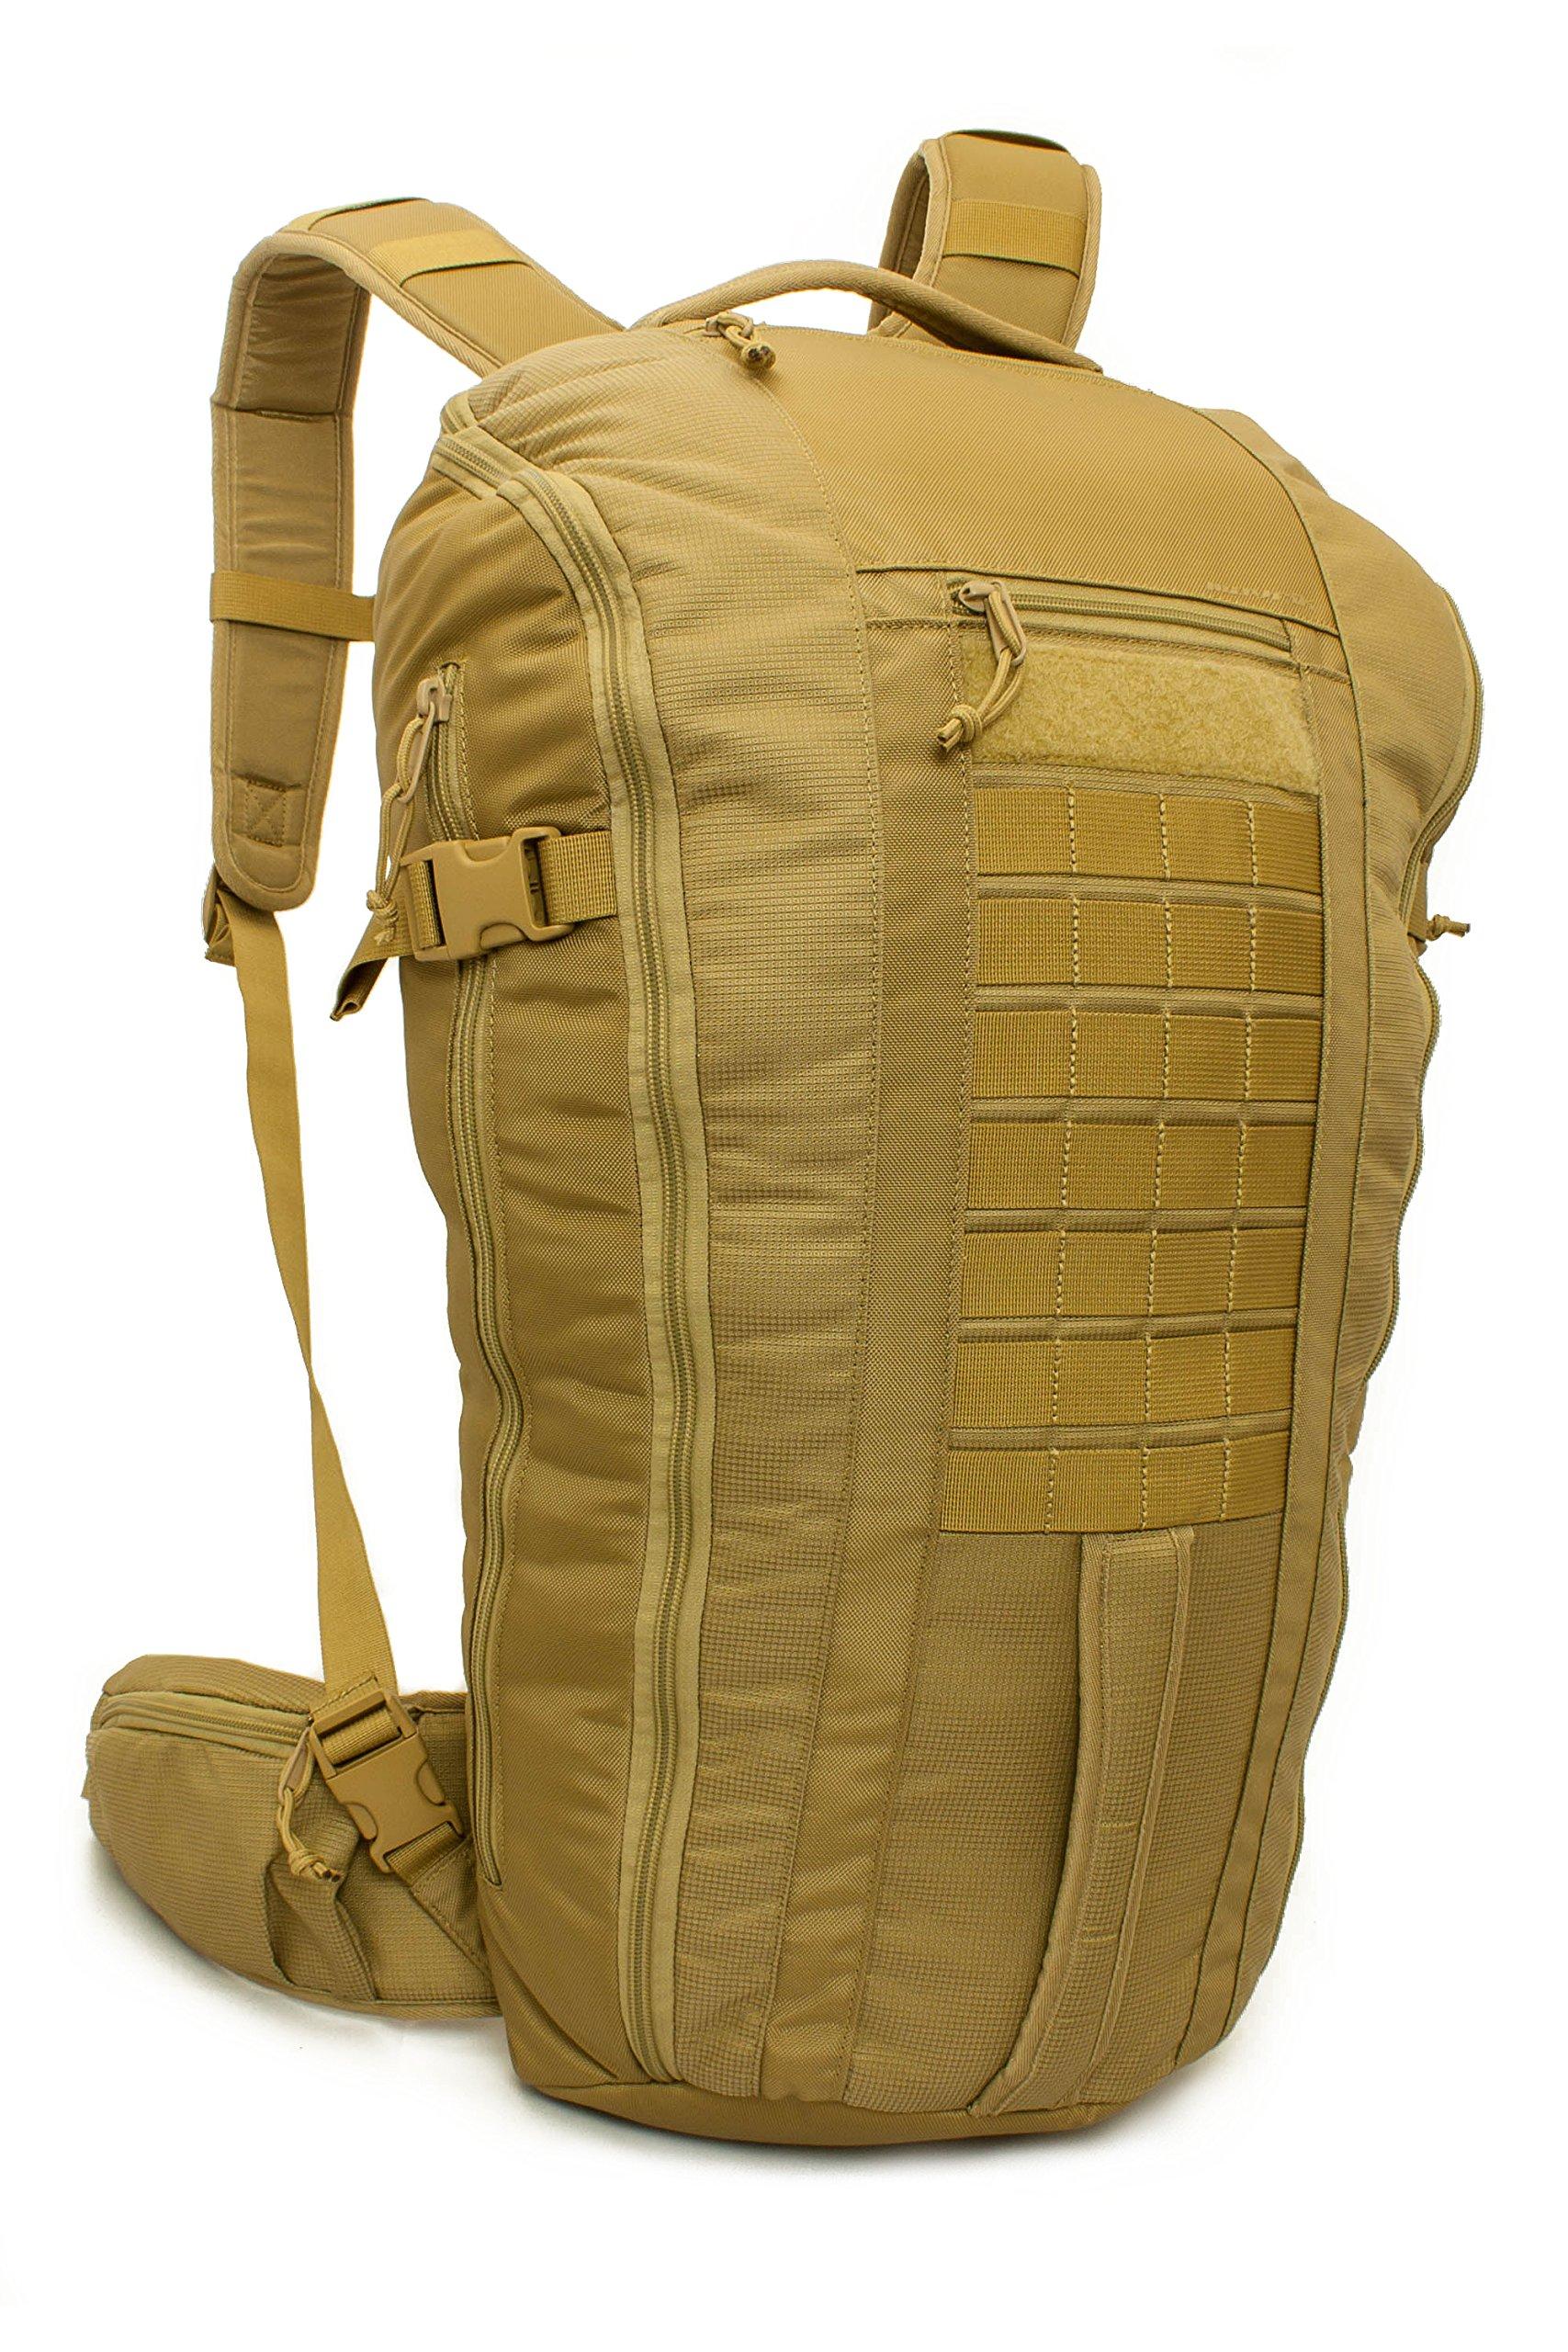 Red Rock Outdoor Gear U.45 Mavrik Backpack, Coyote